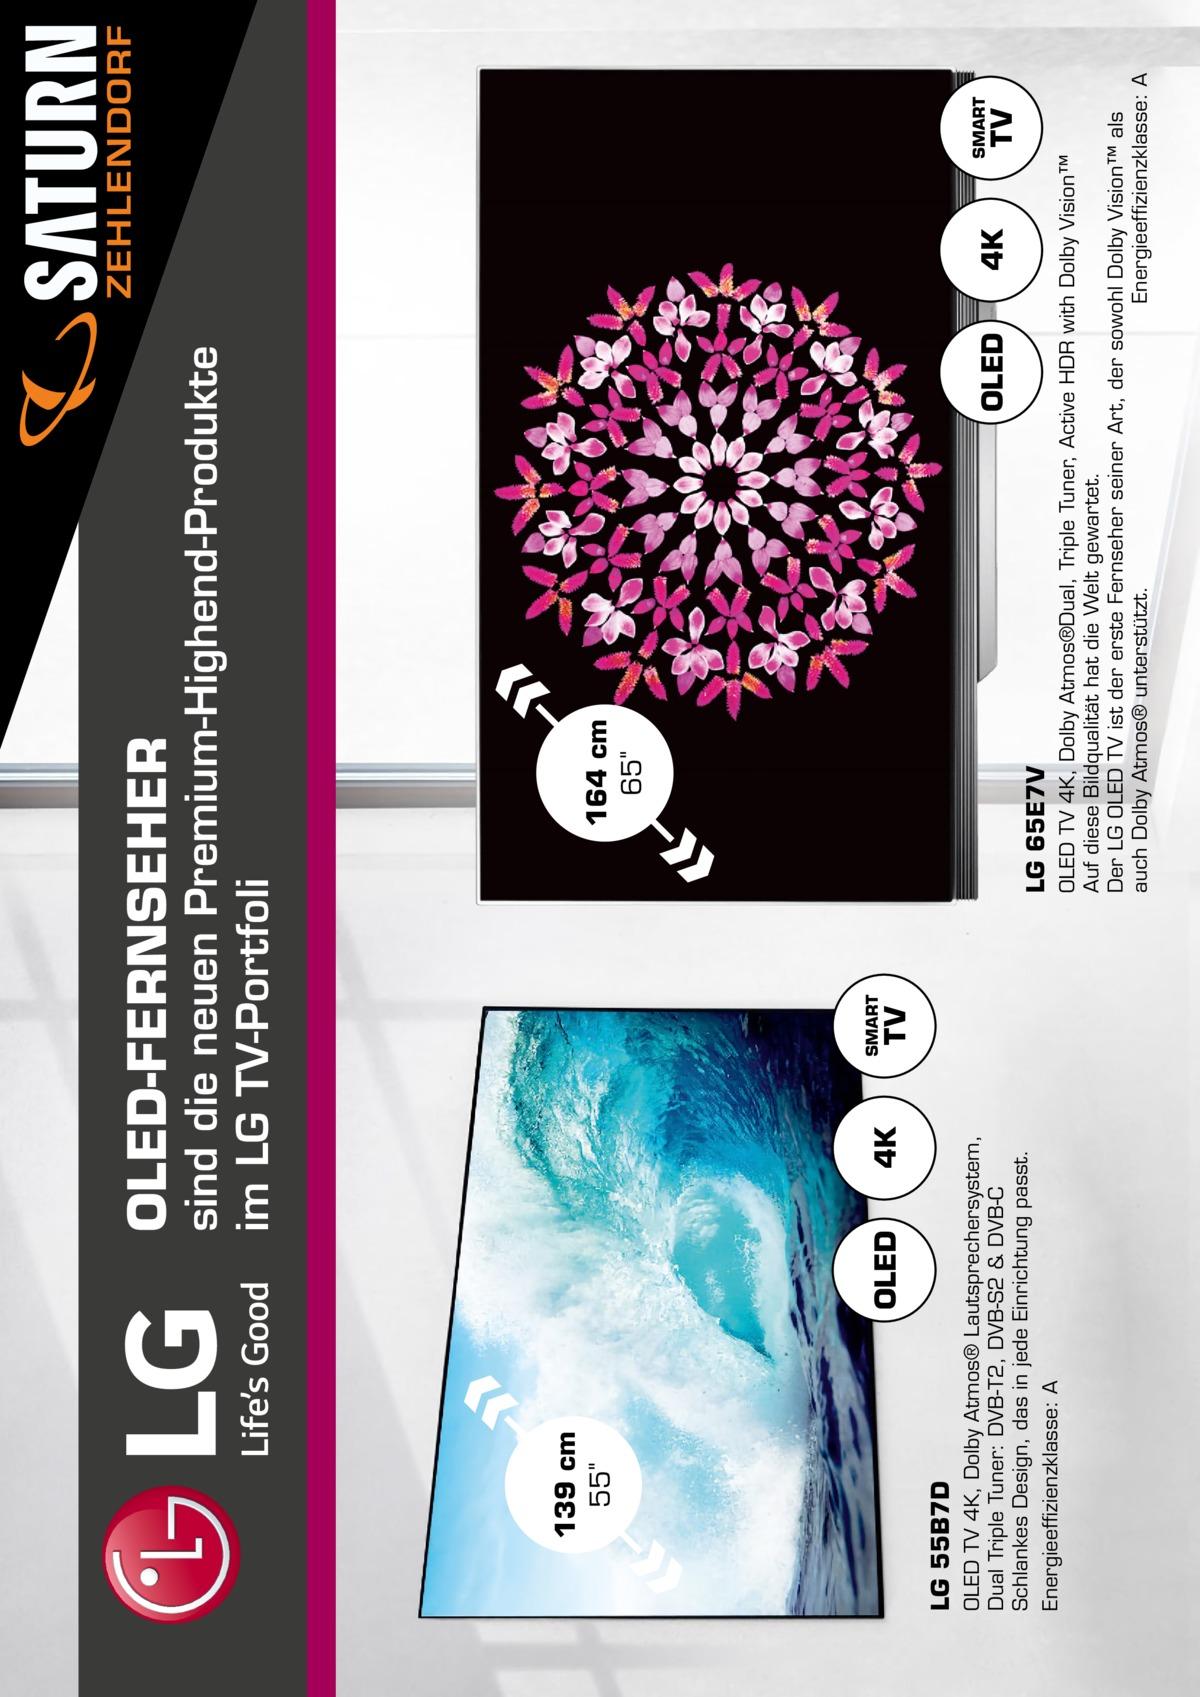 OLED  4K  OLED TV 4K, Dolby Atmos® Lautsprechersystem, Dual Triple Tuner: DVB-T2, DVB-S2 & DVB-C Schlankes Design, das in jede Einrichtung passt. Energieeffizienzklasse: A  LG 55B7D  139cm 55  TV  SMART  OLED  4K  TV  SMART  OLED TV 4K, Dolby Atmos®Dual, Triple Tuner, Active HDR with Dolby Vision™ Auf diese Bildqualität hat die Welt gewartet. Der LG OLED TV ist der erste Fernseher seiner Art, der sowohl Dolby Vision™ als auch Dolby Atmos® unterstützt. Energieeffizienzklasse: A  LG 65E7V  164cm 65  sind die neuen Premium-Highend-Produkte im LG TV-Portfoli  OLEDFERNSEHER  ZEHLENDORF